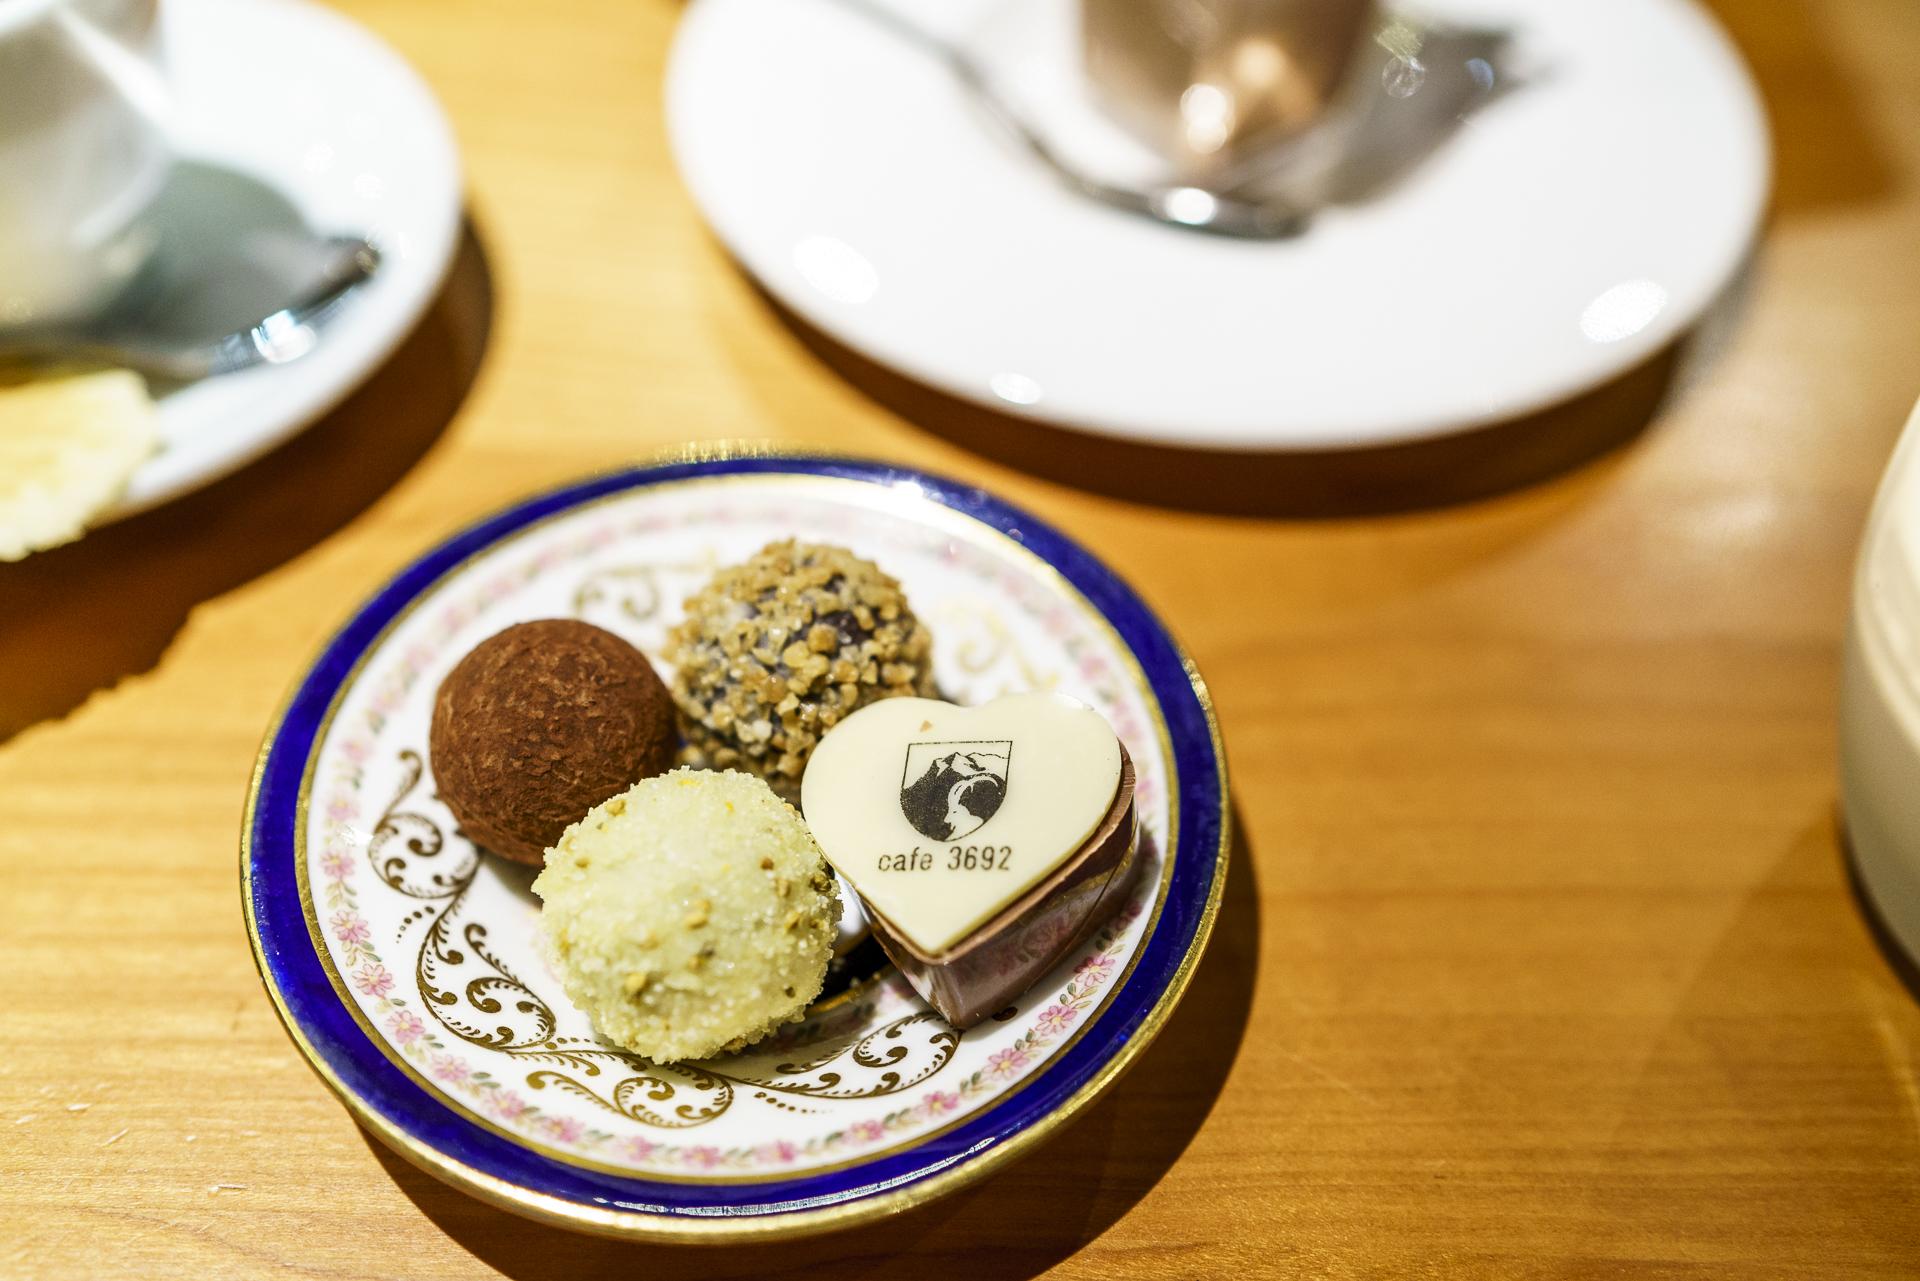 Cafe 3692 Dessert